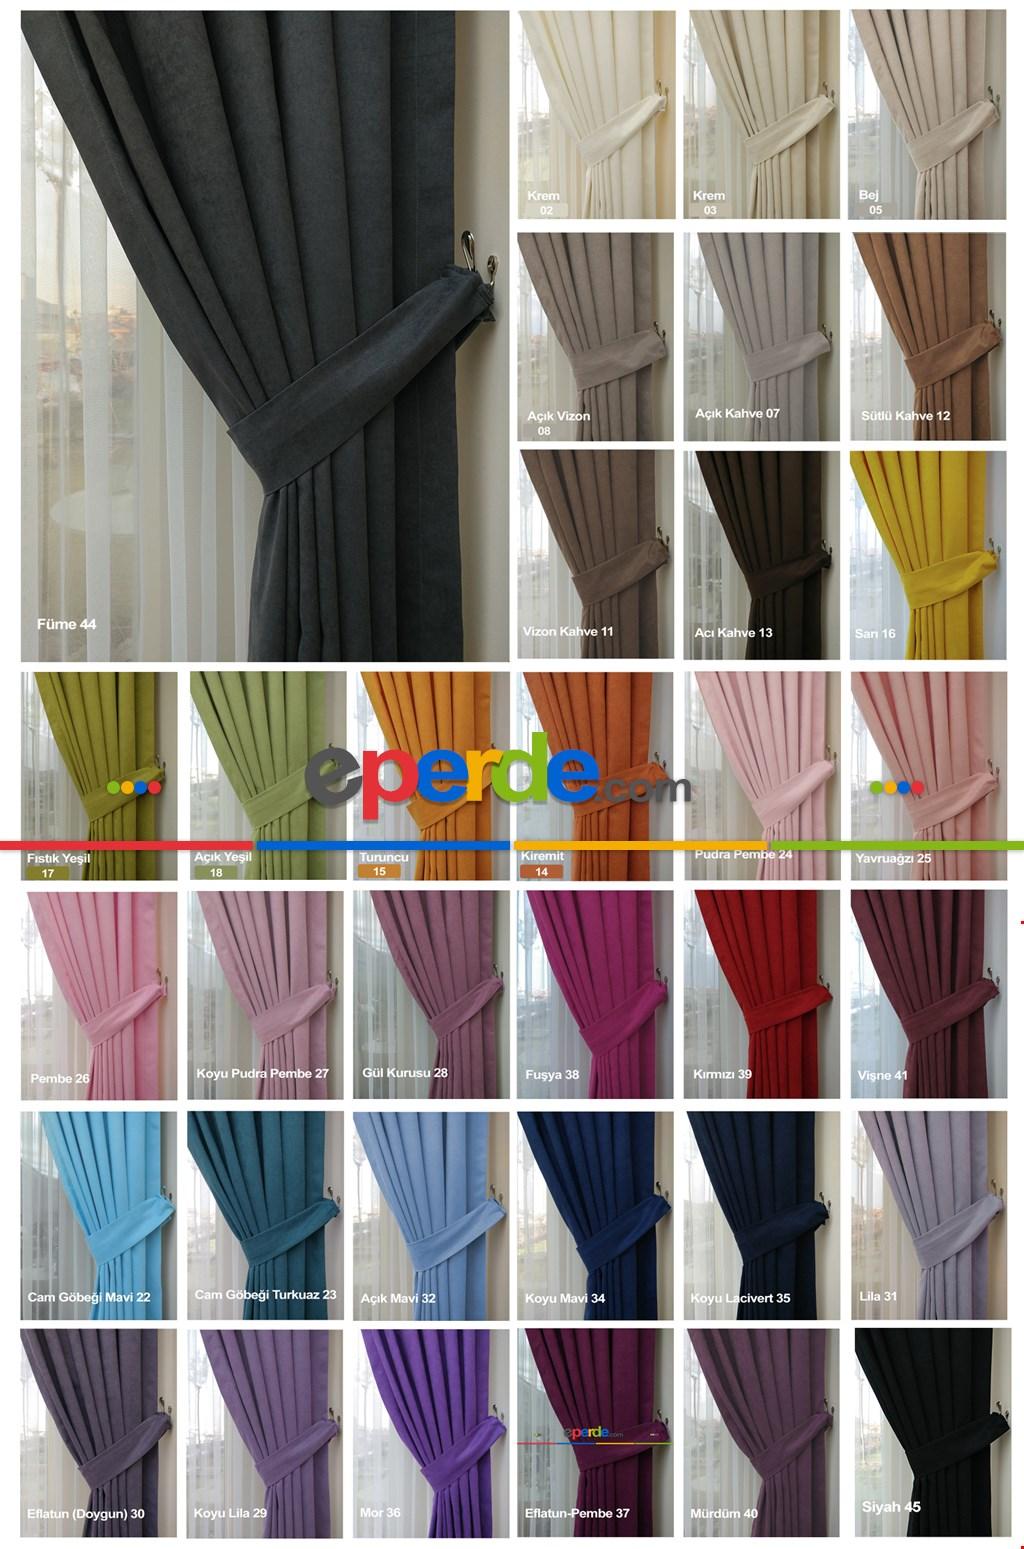 Salon Perdesi - Düz Petek Fon Perde 35 Farklı Renk- Çok Renkli